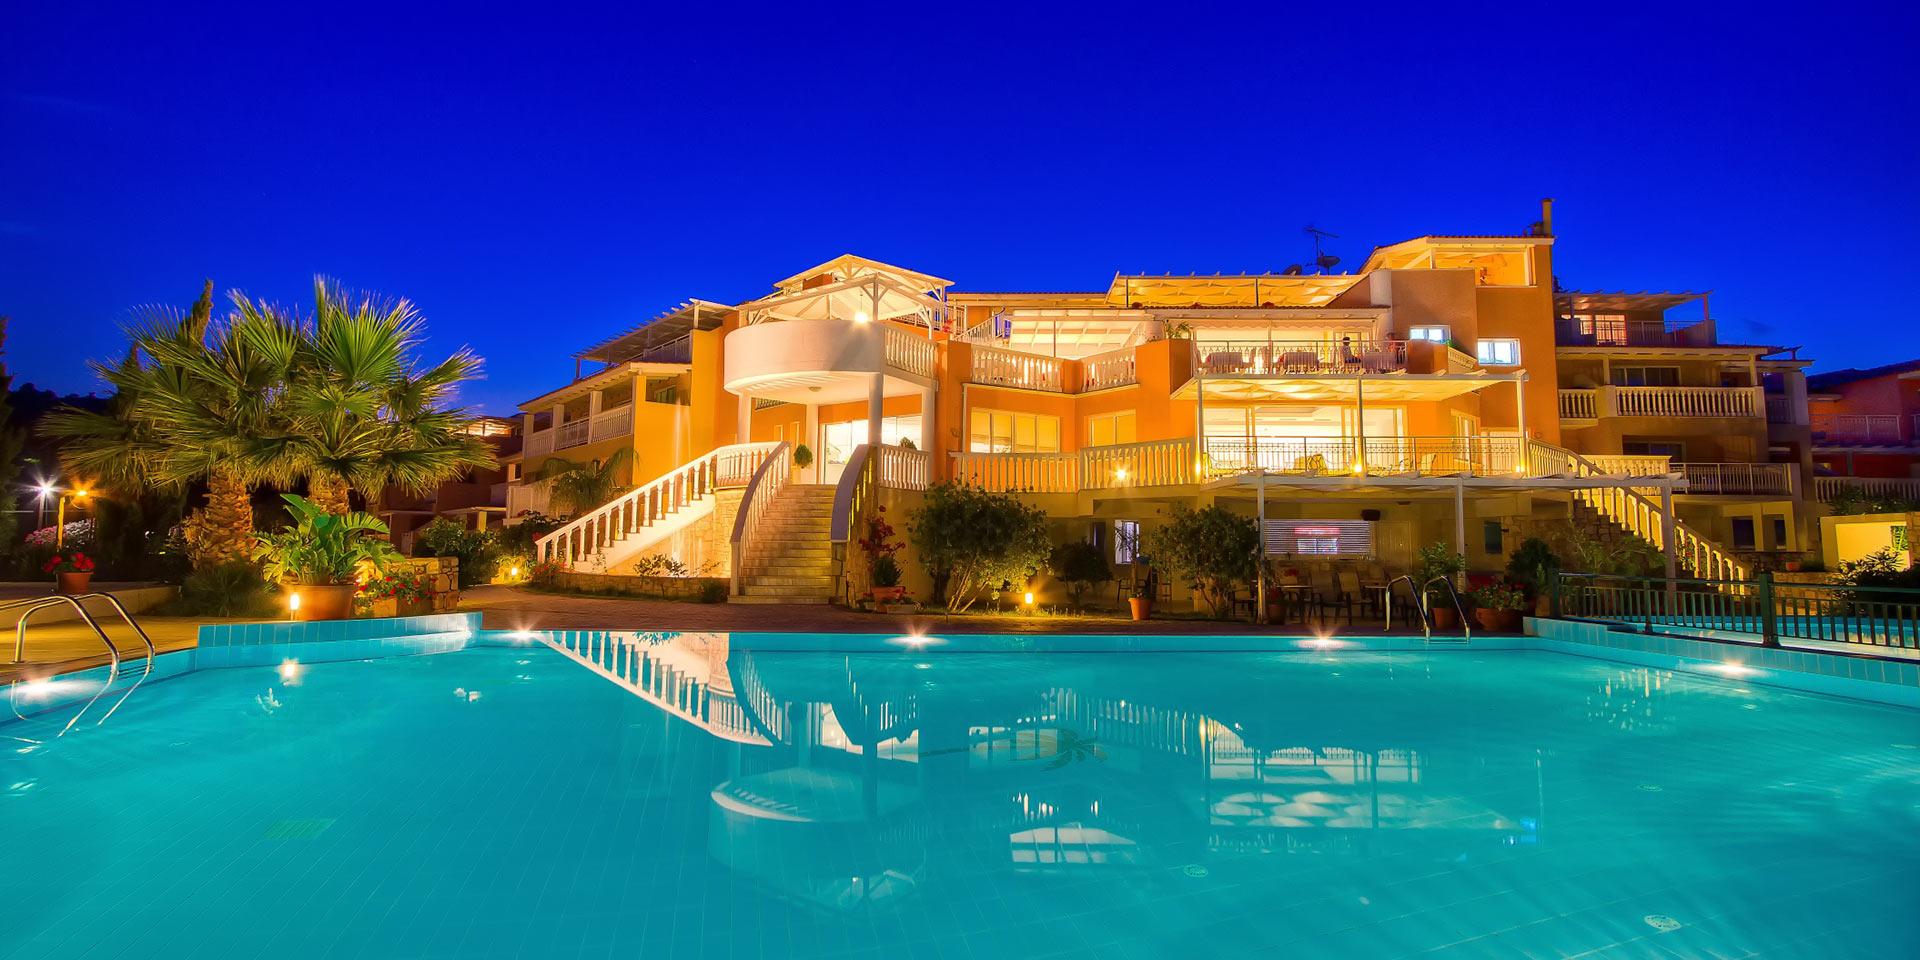 Hotel Belvedere Zante Gerakas Vassilikos Zakynthos